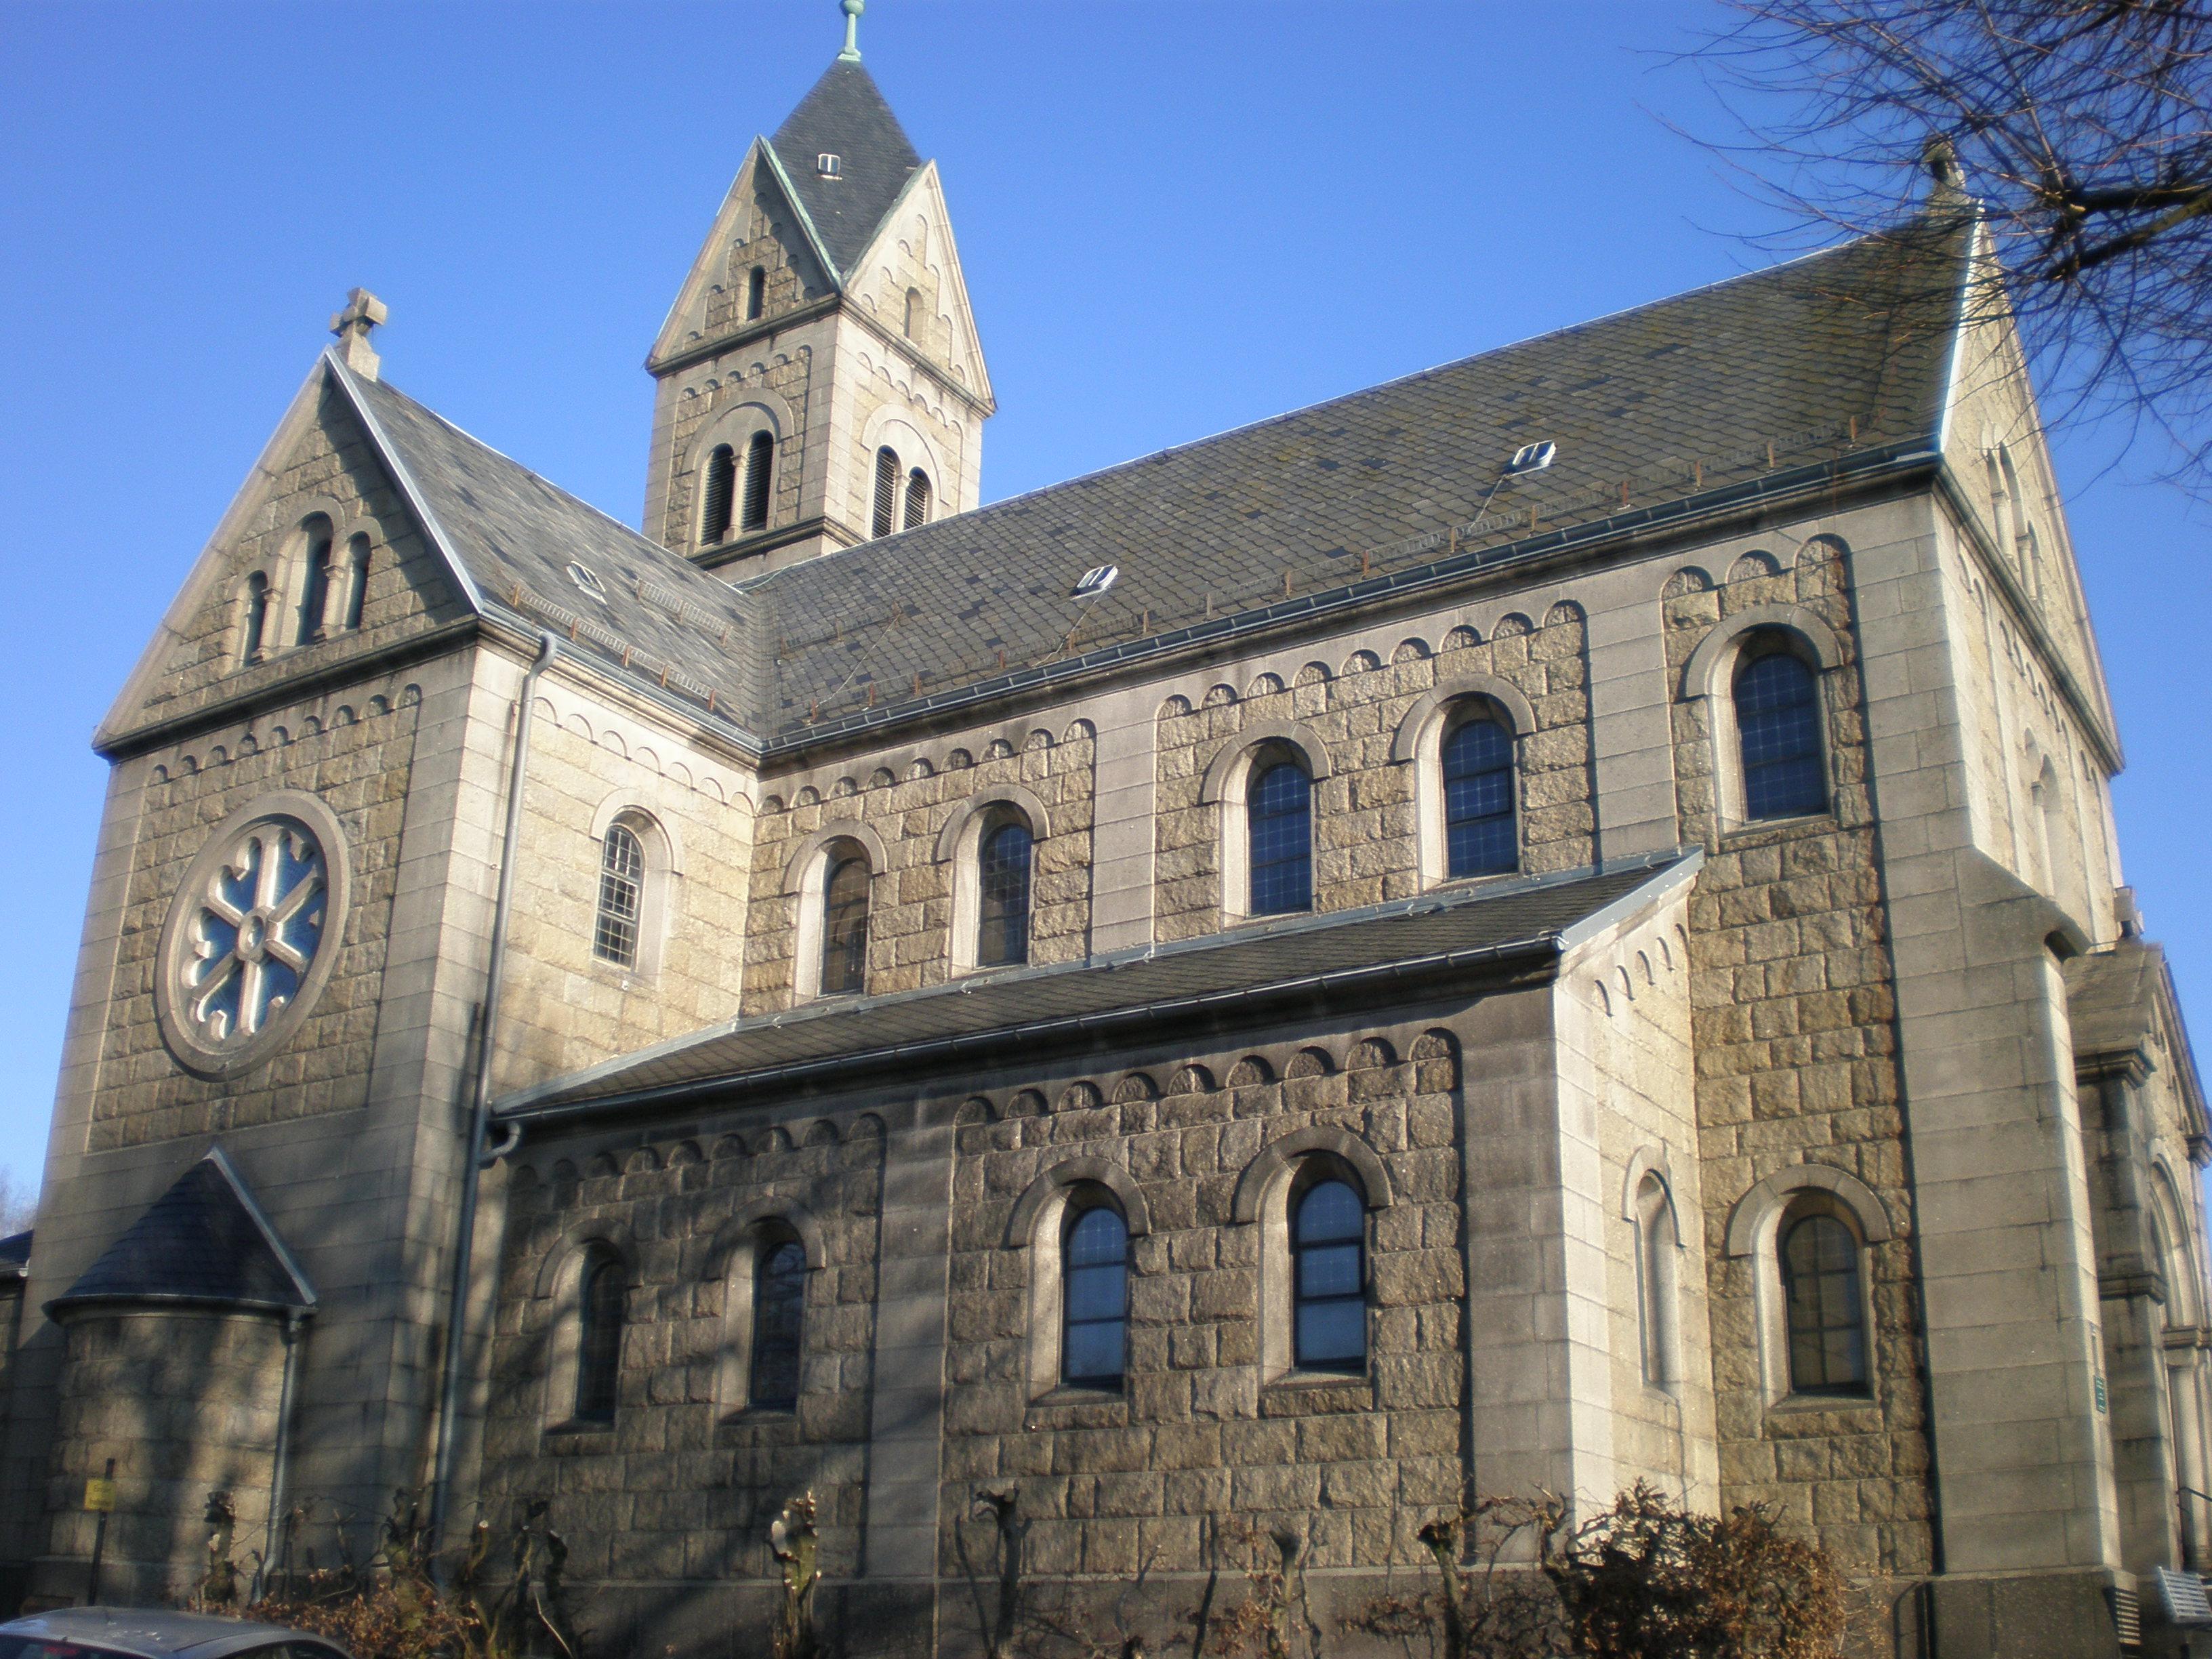 Bildergebnis für katholische kirche münchberg